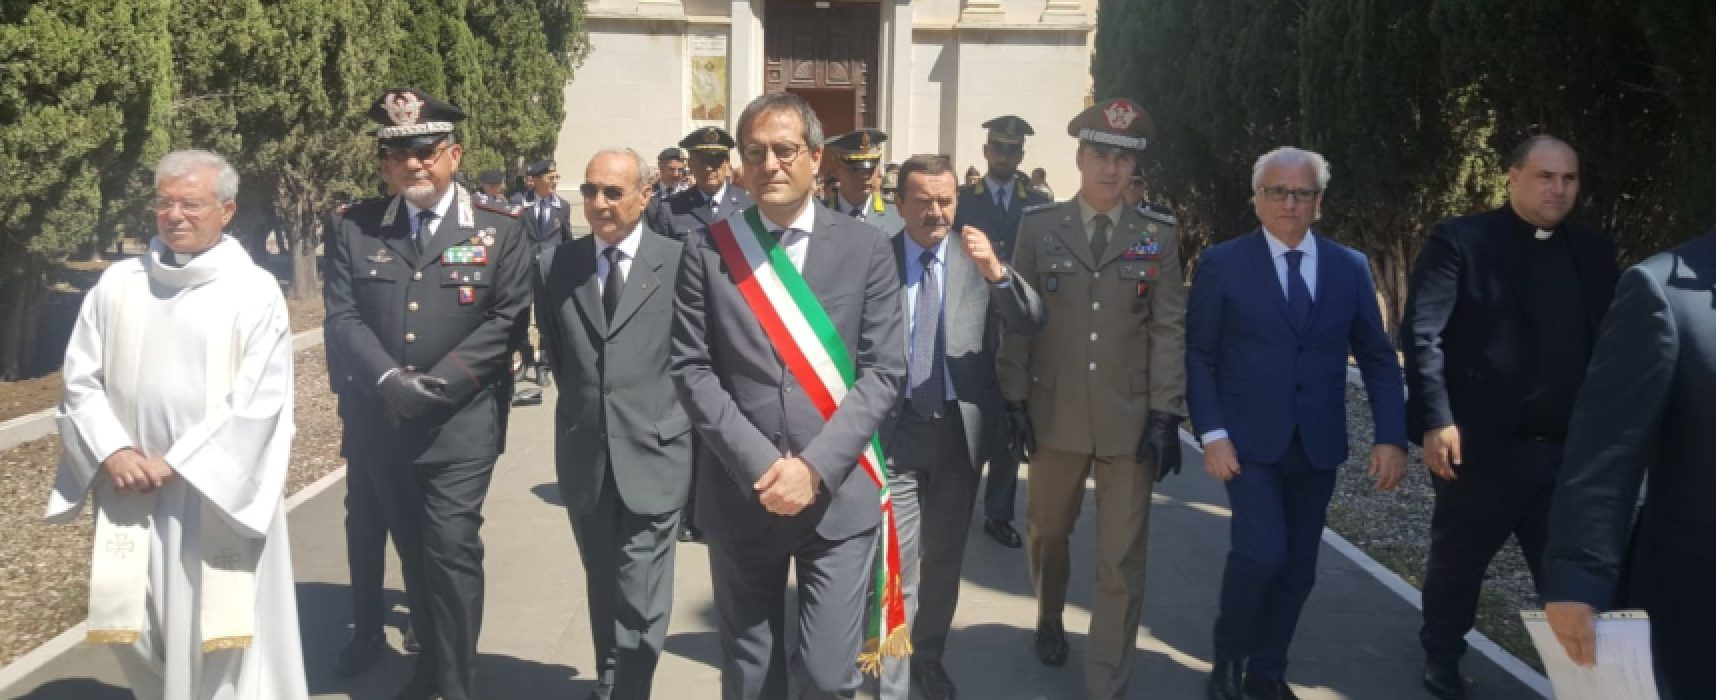 Tredicesimo anniversario della scomparsa di Carlo De Trizio, ieri la cerimonia commemorativa